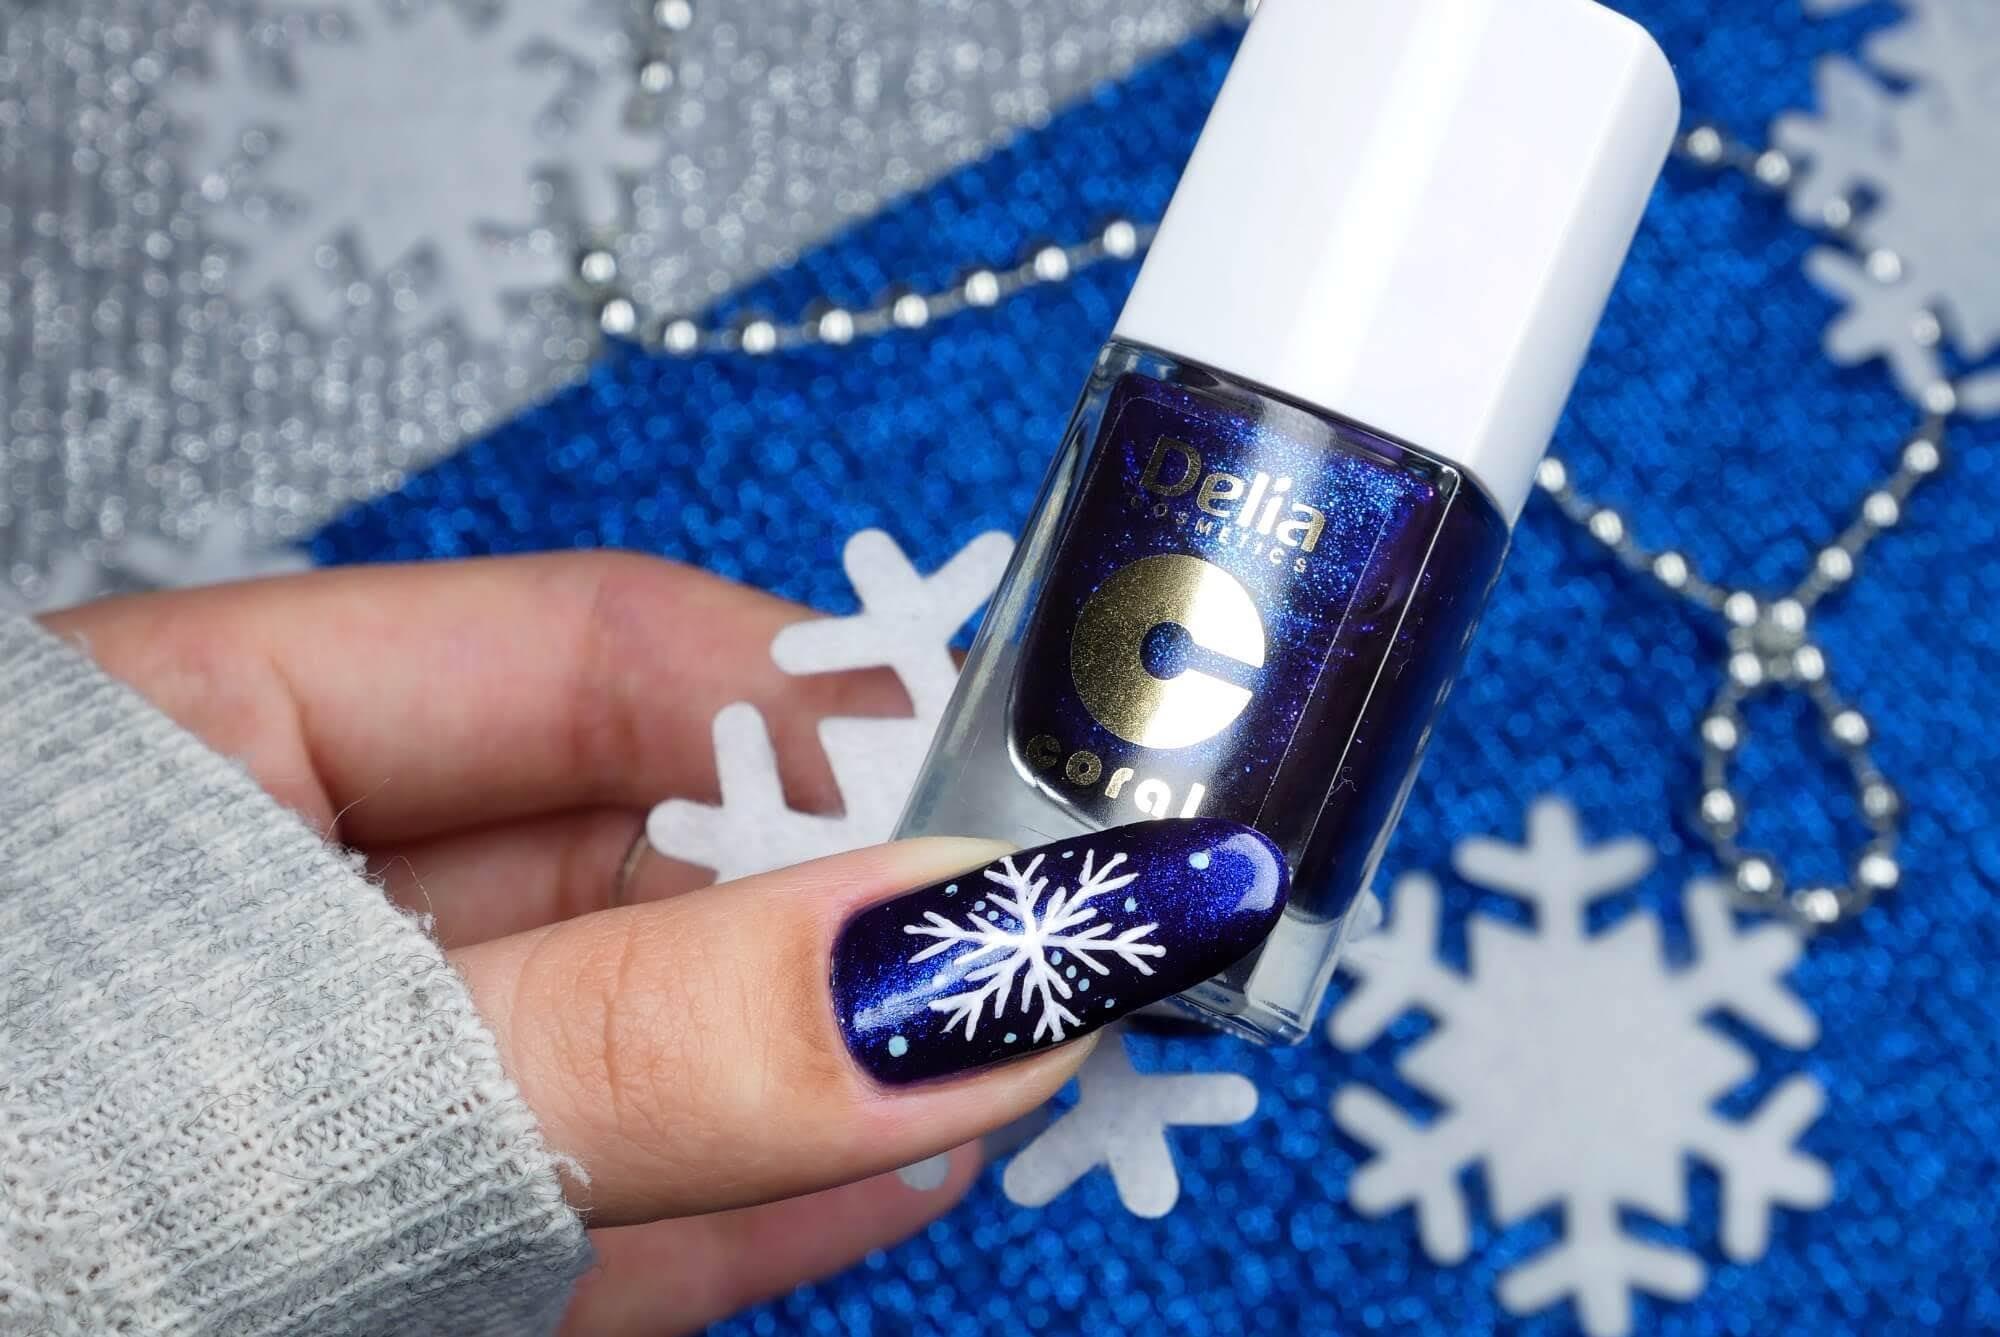 paznokcie w śnieżynki